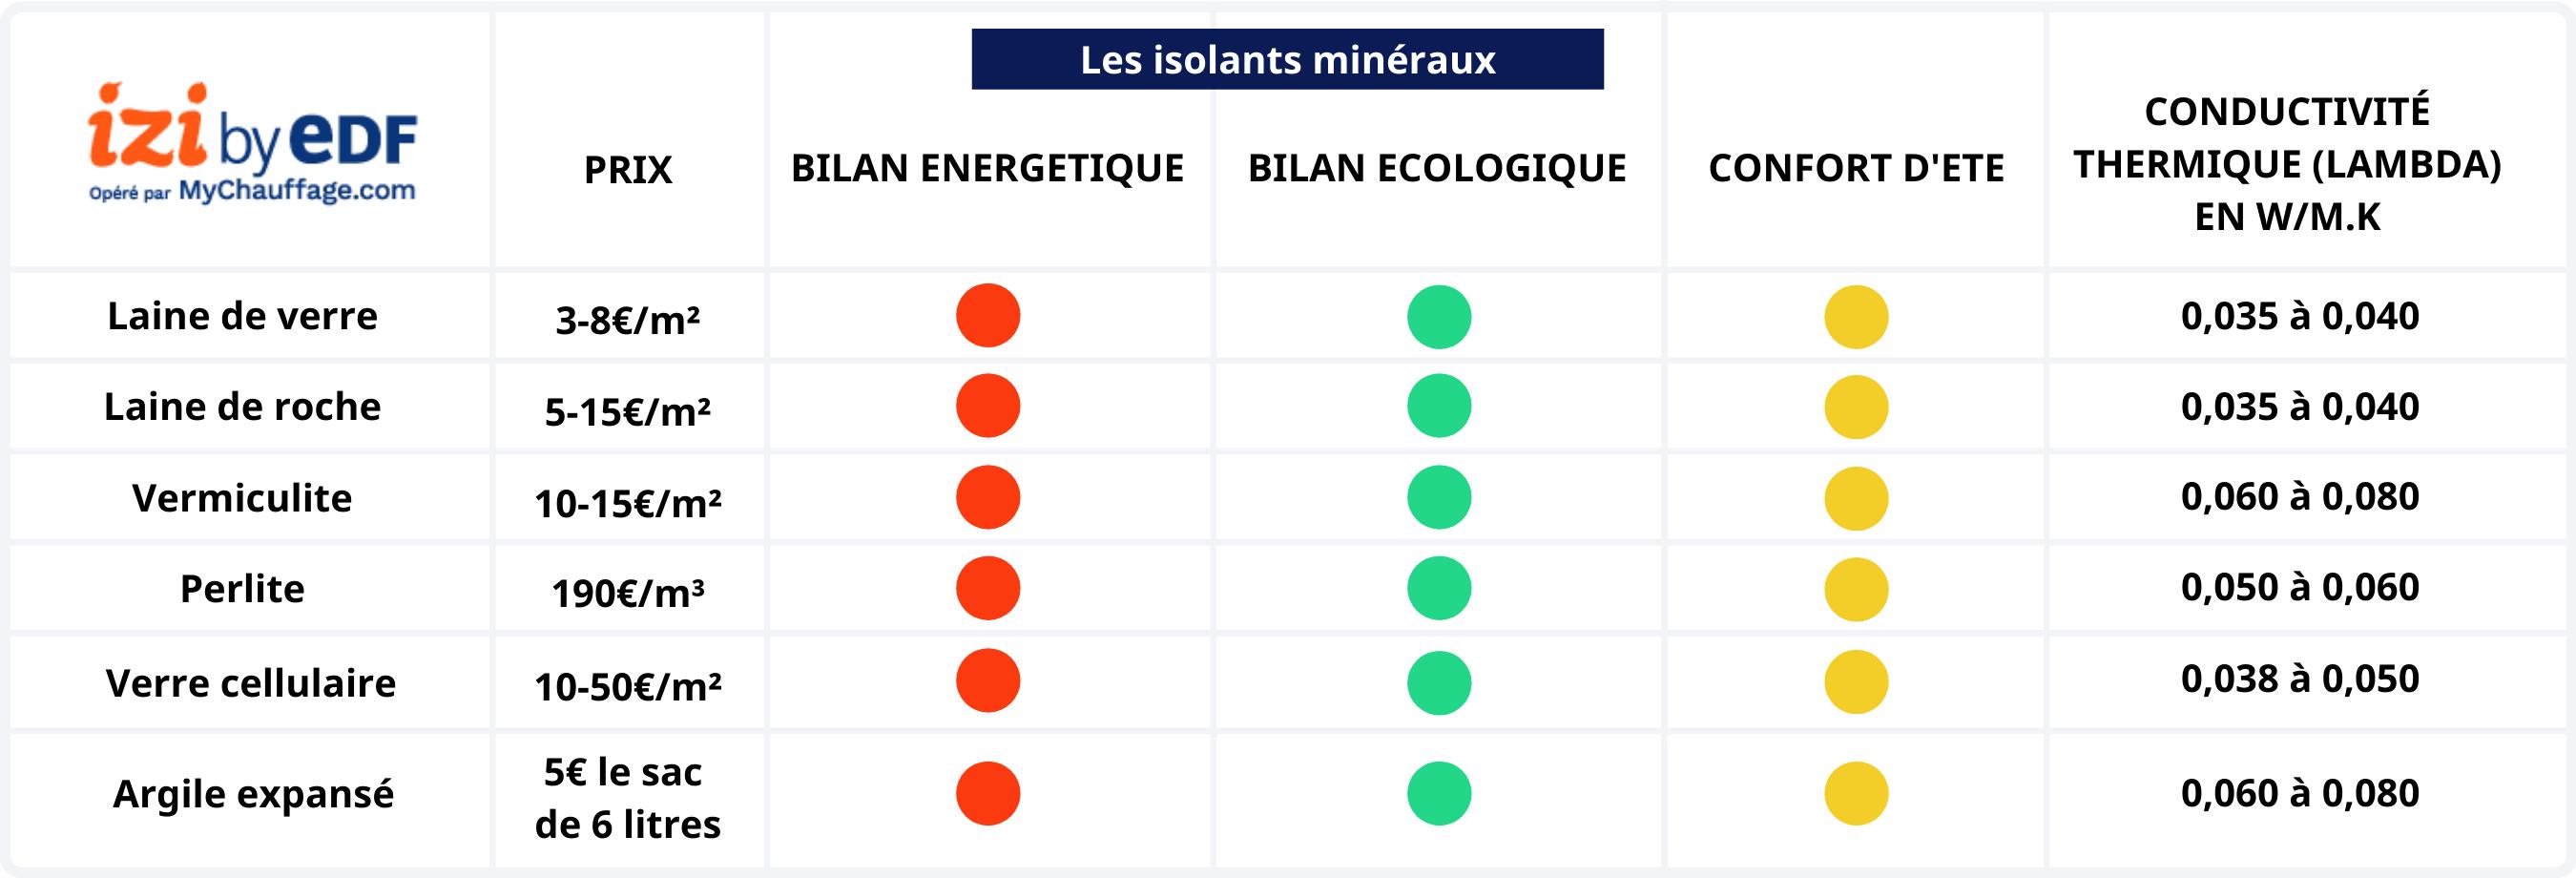 Comparatif isolants minéraux